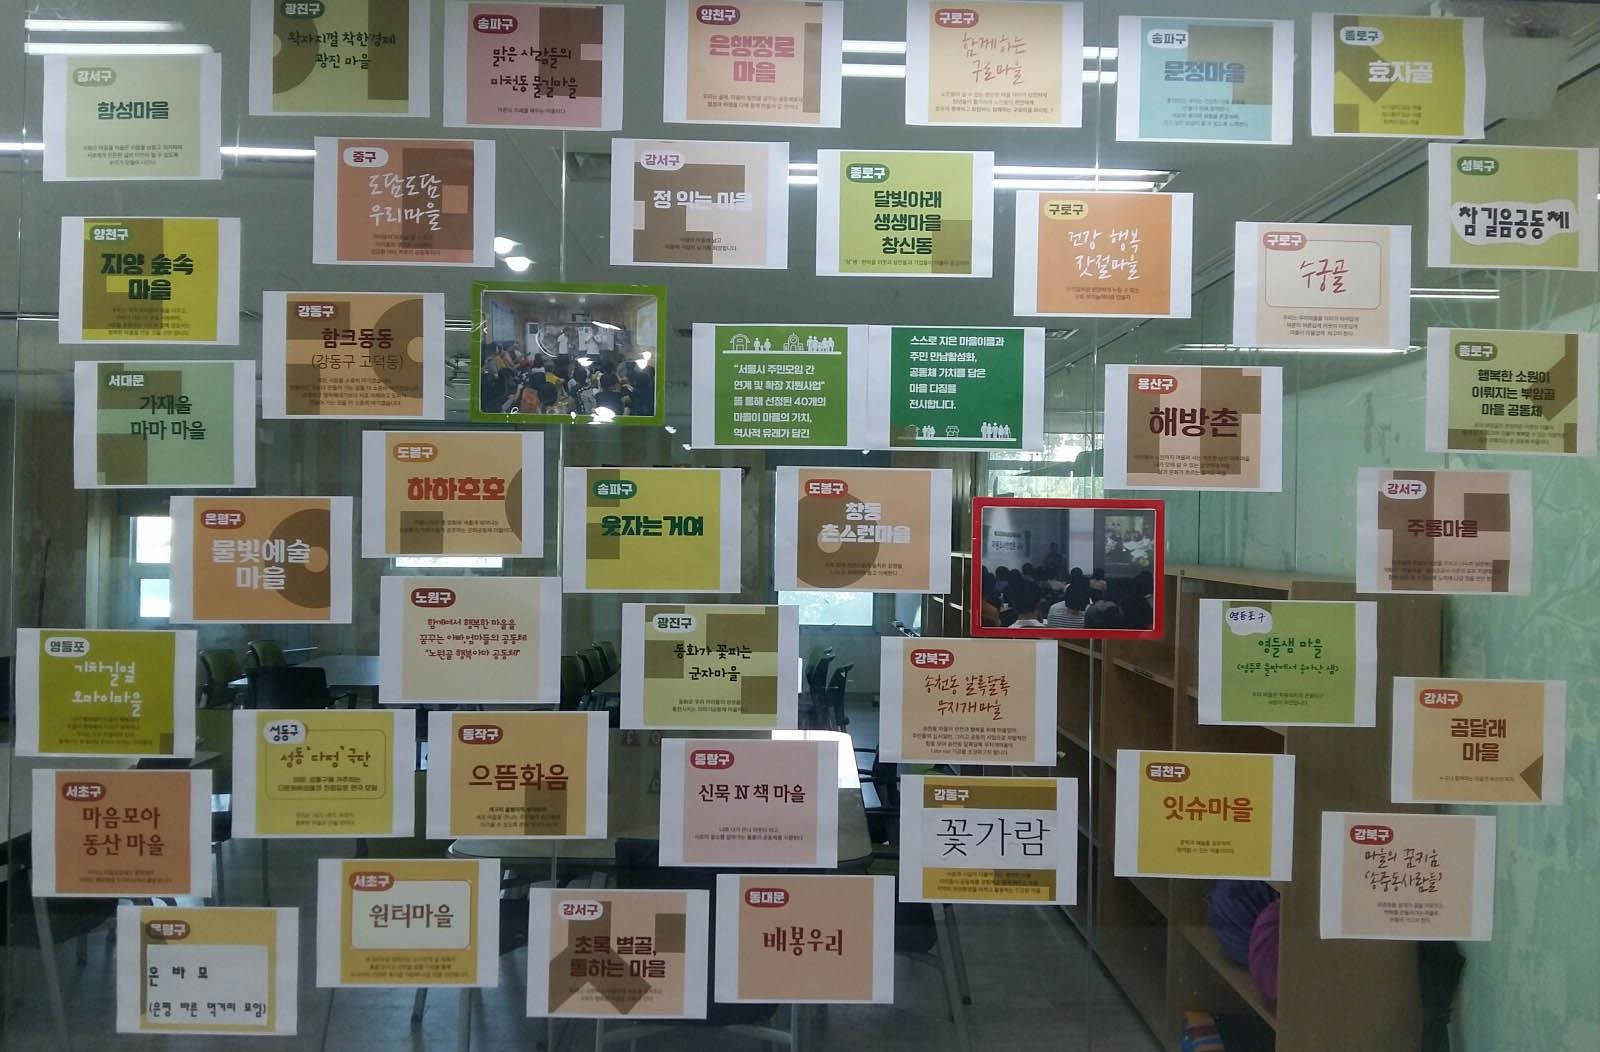 주민모임들이 모여 새로 '호명' 된 마을 이름들.